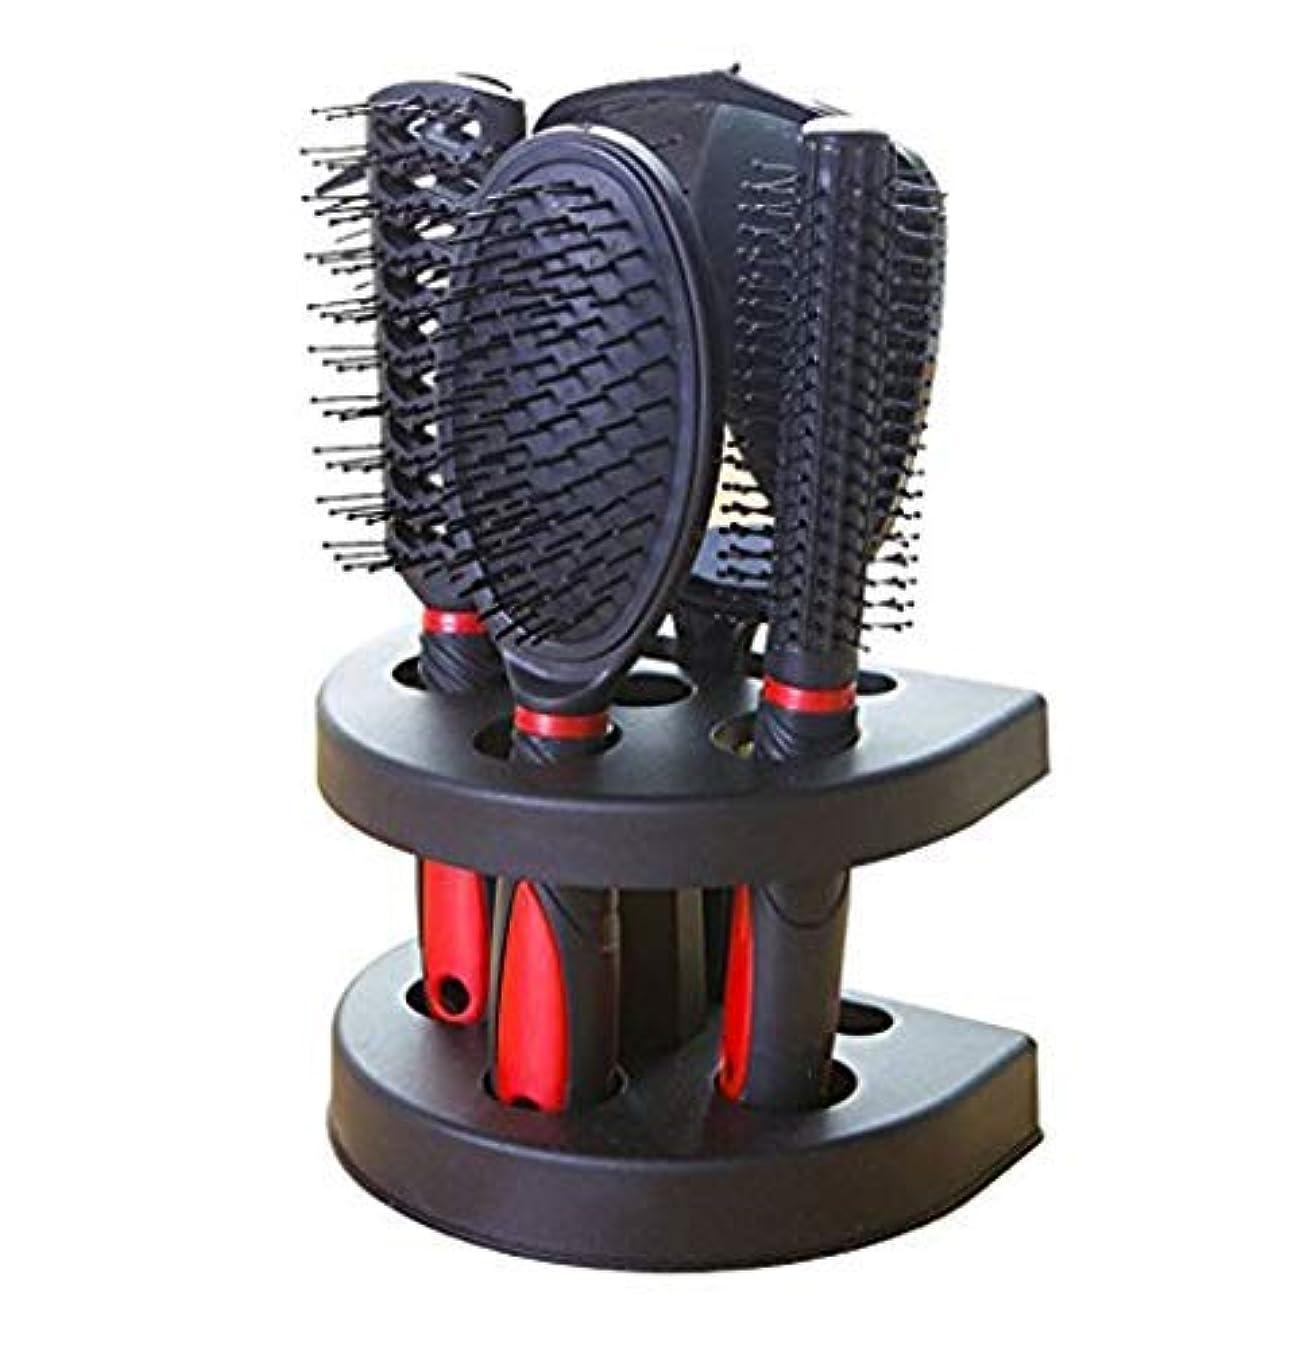 解決する作曲家激しいHealthcom Hairs Combs Salon Hairdressing Styling Tool Hair Cutting Brushes Sets Dressing Comb Kits,Set of 5 [並行輸入品]